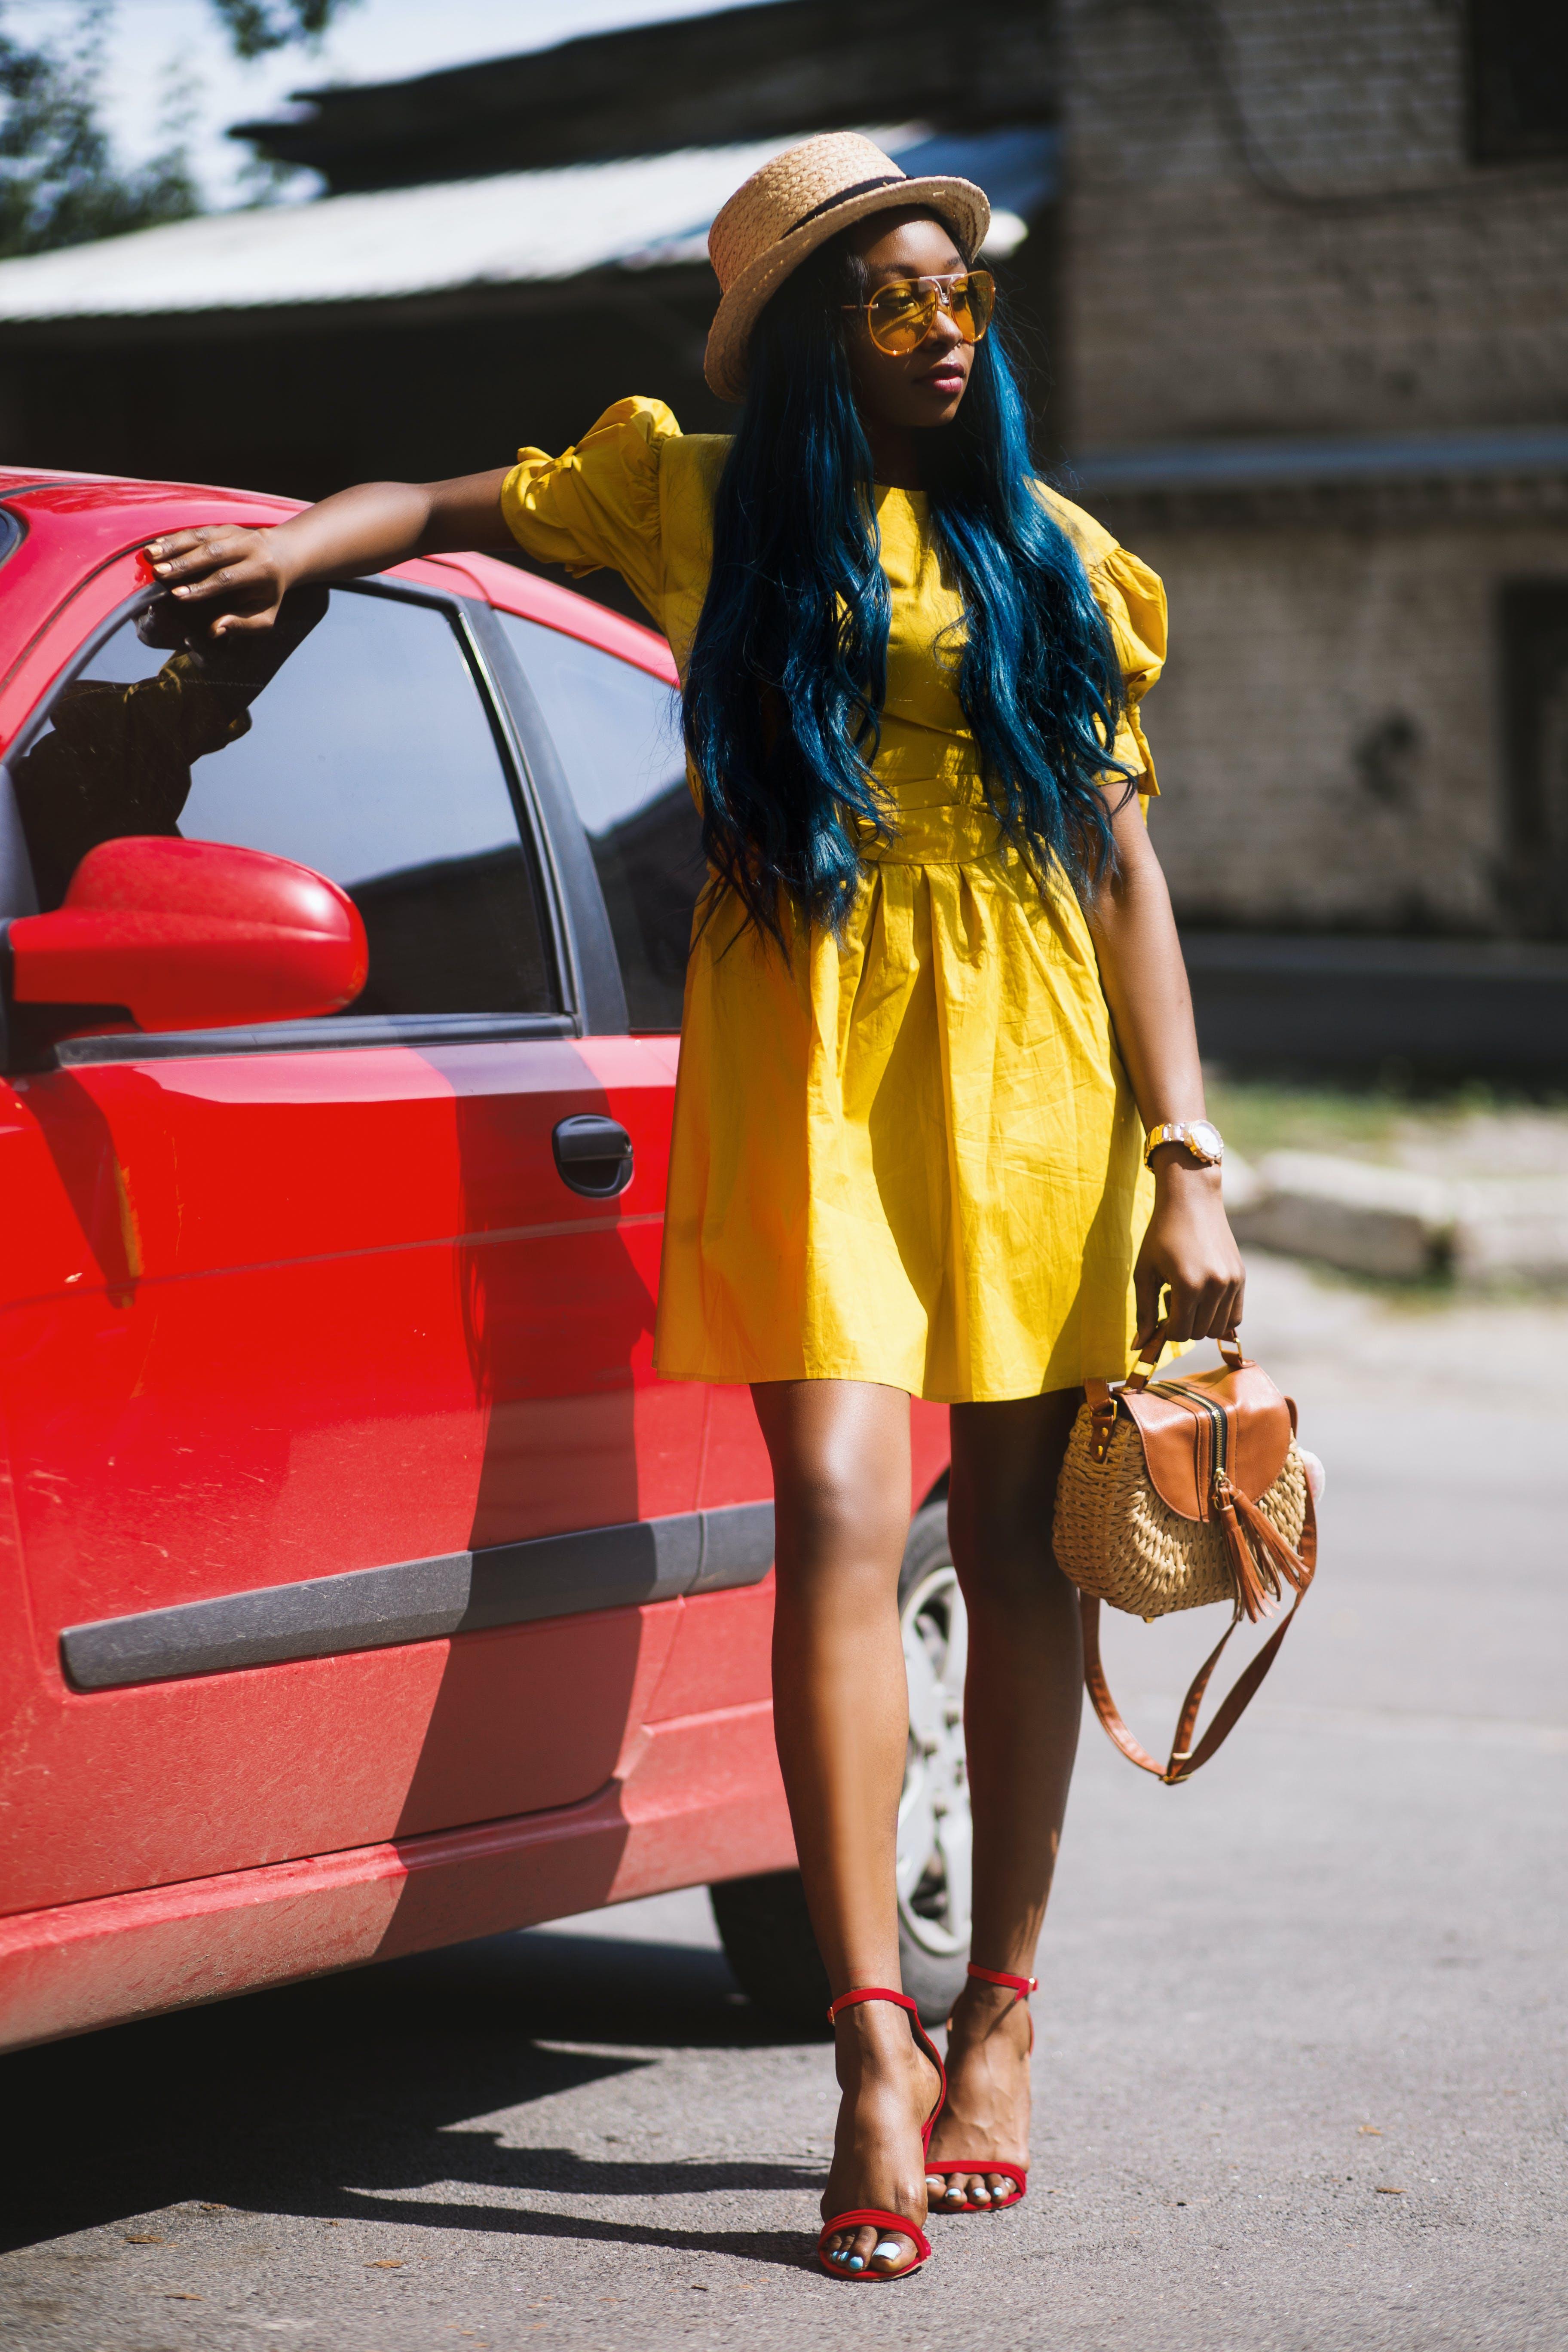 Darmowe zdjęcie z galerii z czarna dziewczyna, czerwone buty, czerwony samochód, droga